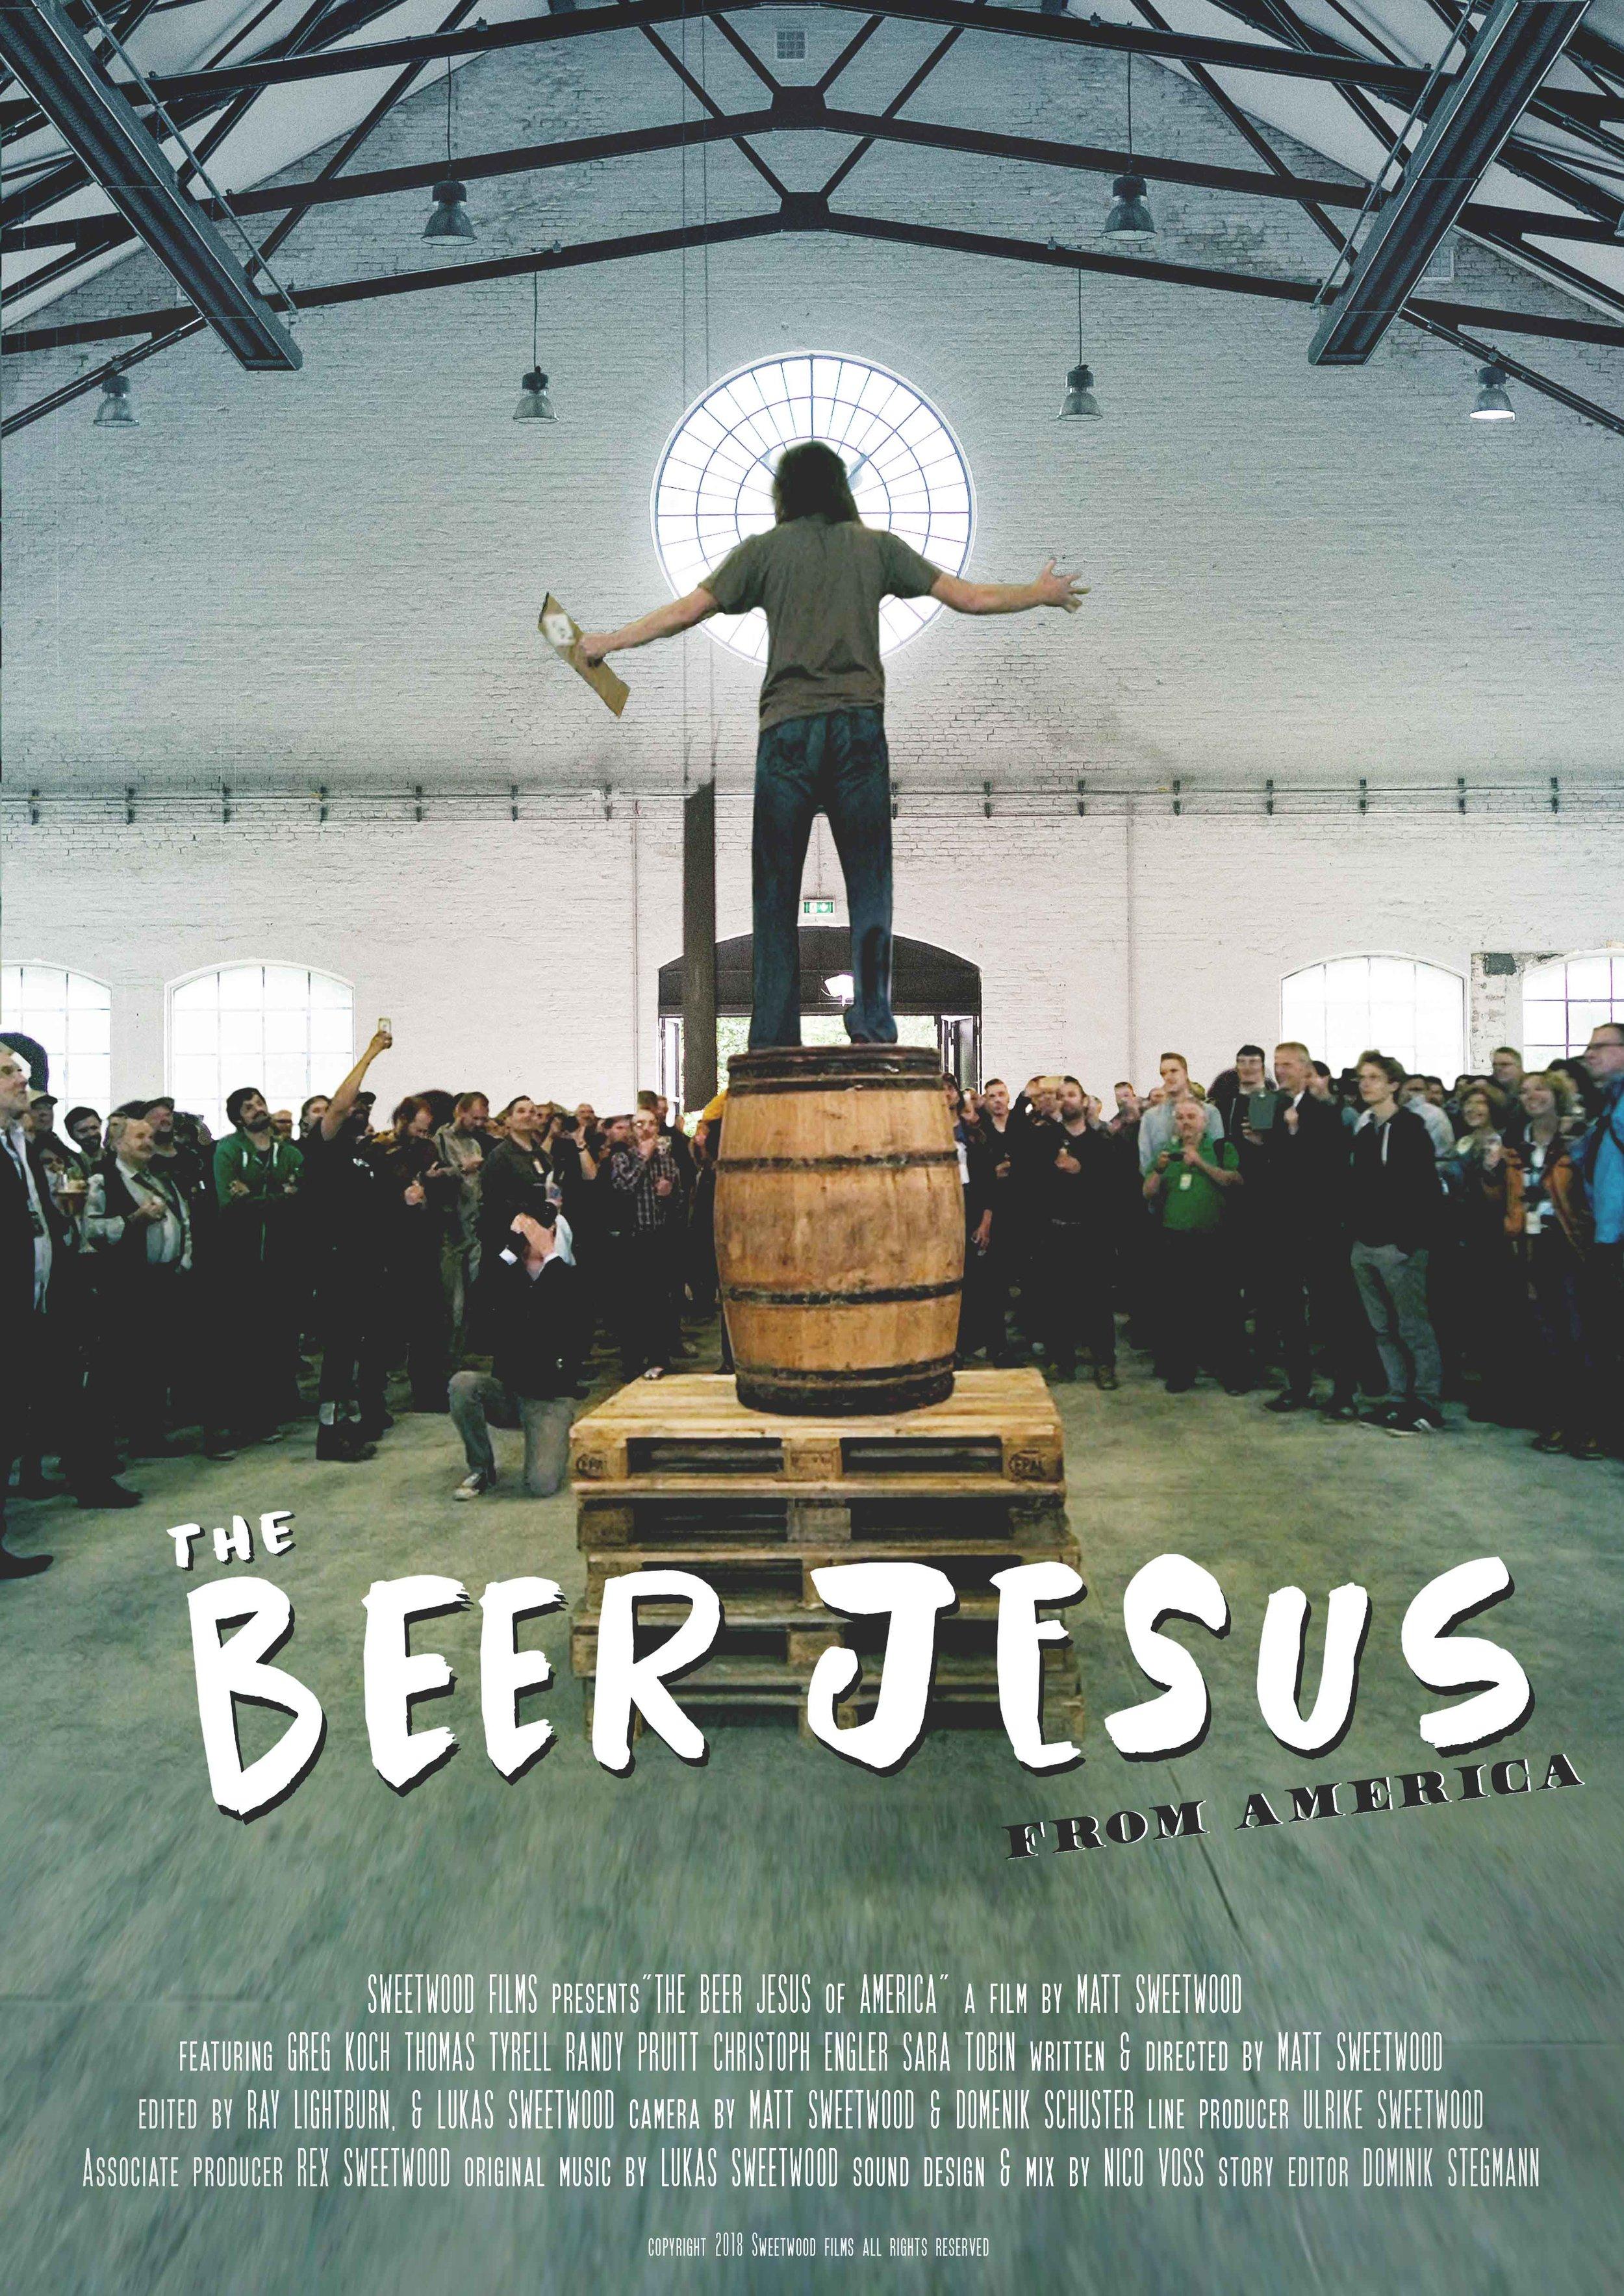 MOVIE-POSTER_BEER-JESUS-OF-AMERICA-WEB.jpg